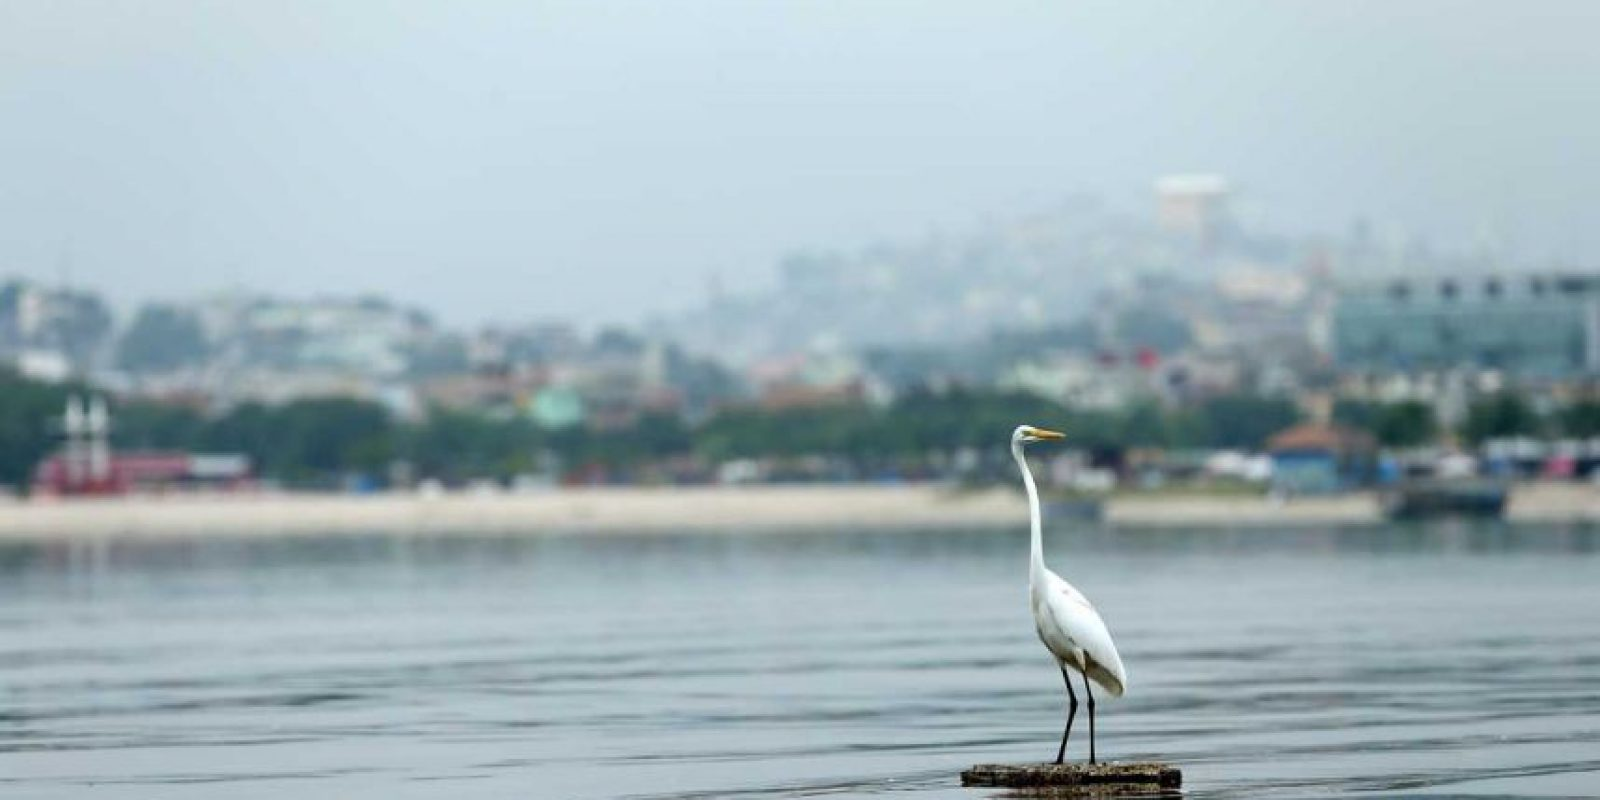 Las aguas de Rio tienen un nivel de contaminación de 1.7 millones de veces más que en Estados Unidos y Europa, lo que es perjudicial para los atletas que competirán en vela, remo y triatlón. Foto:Getty Images